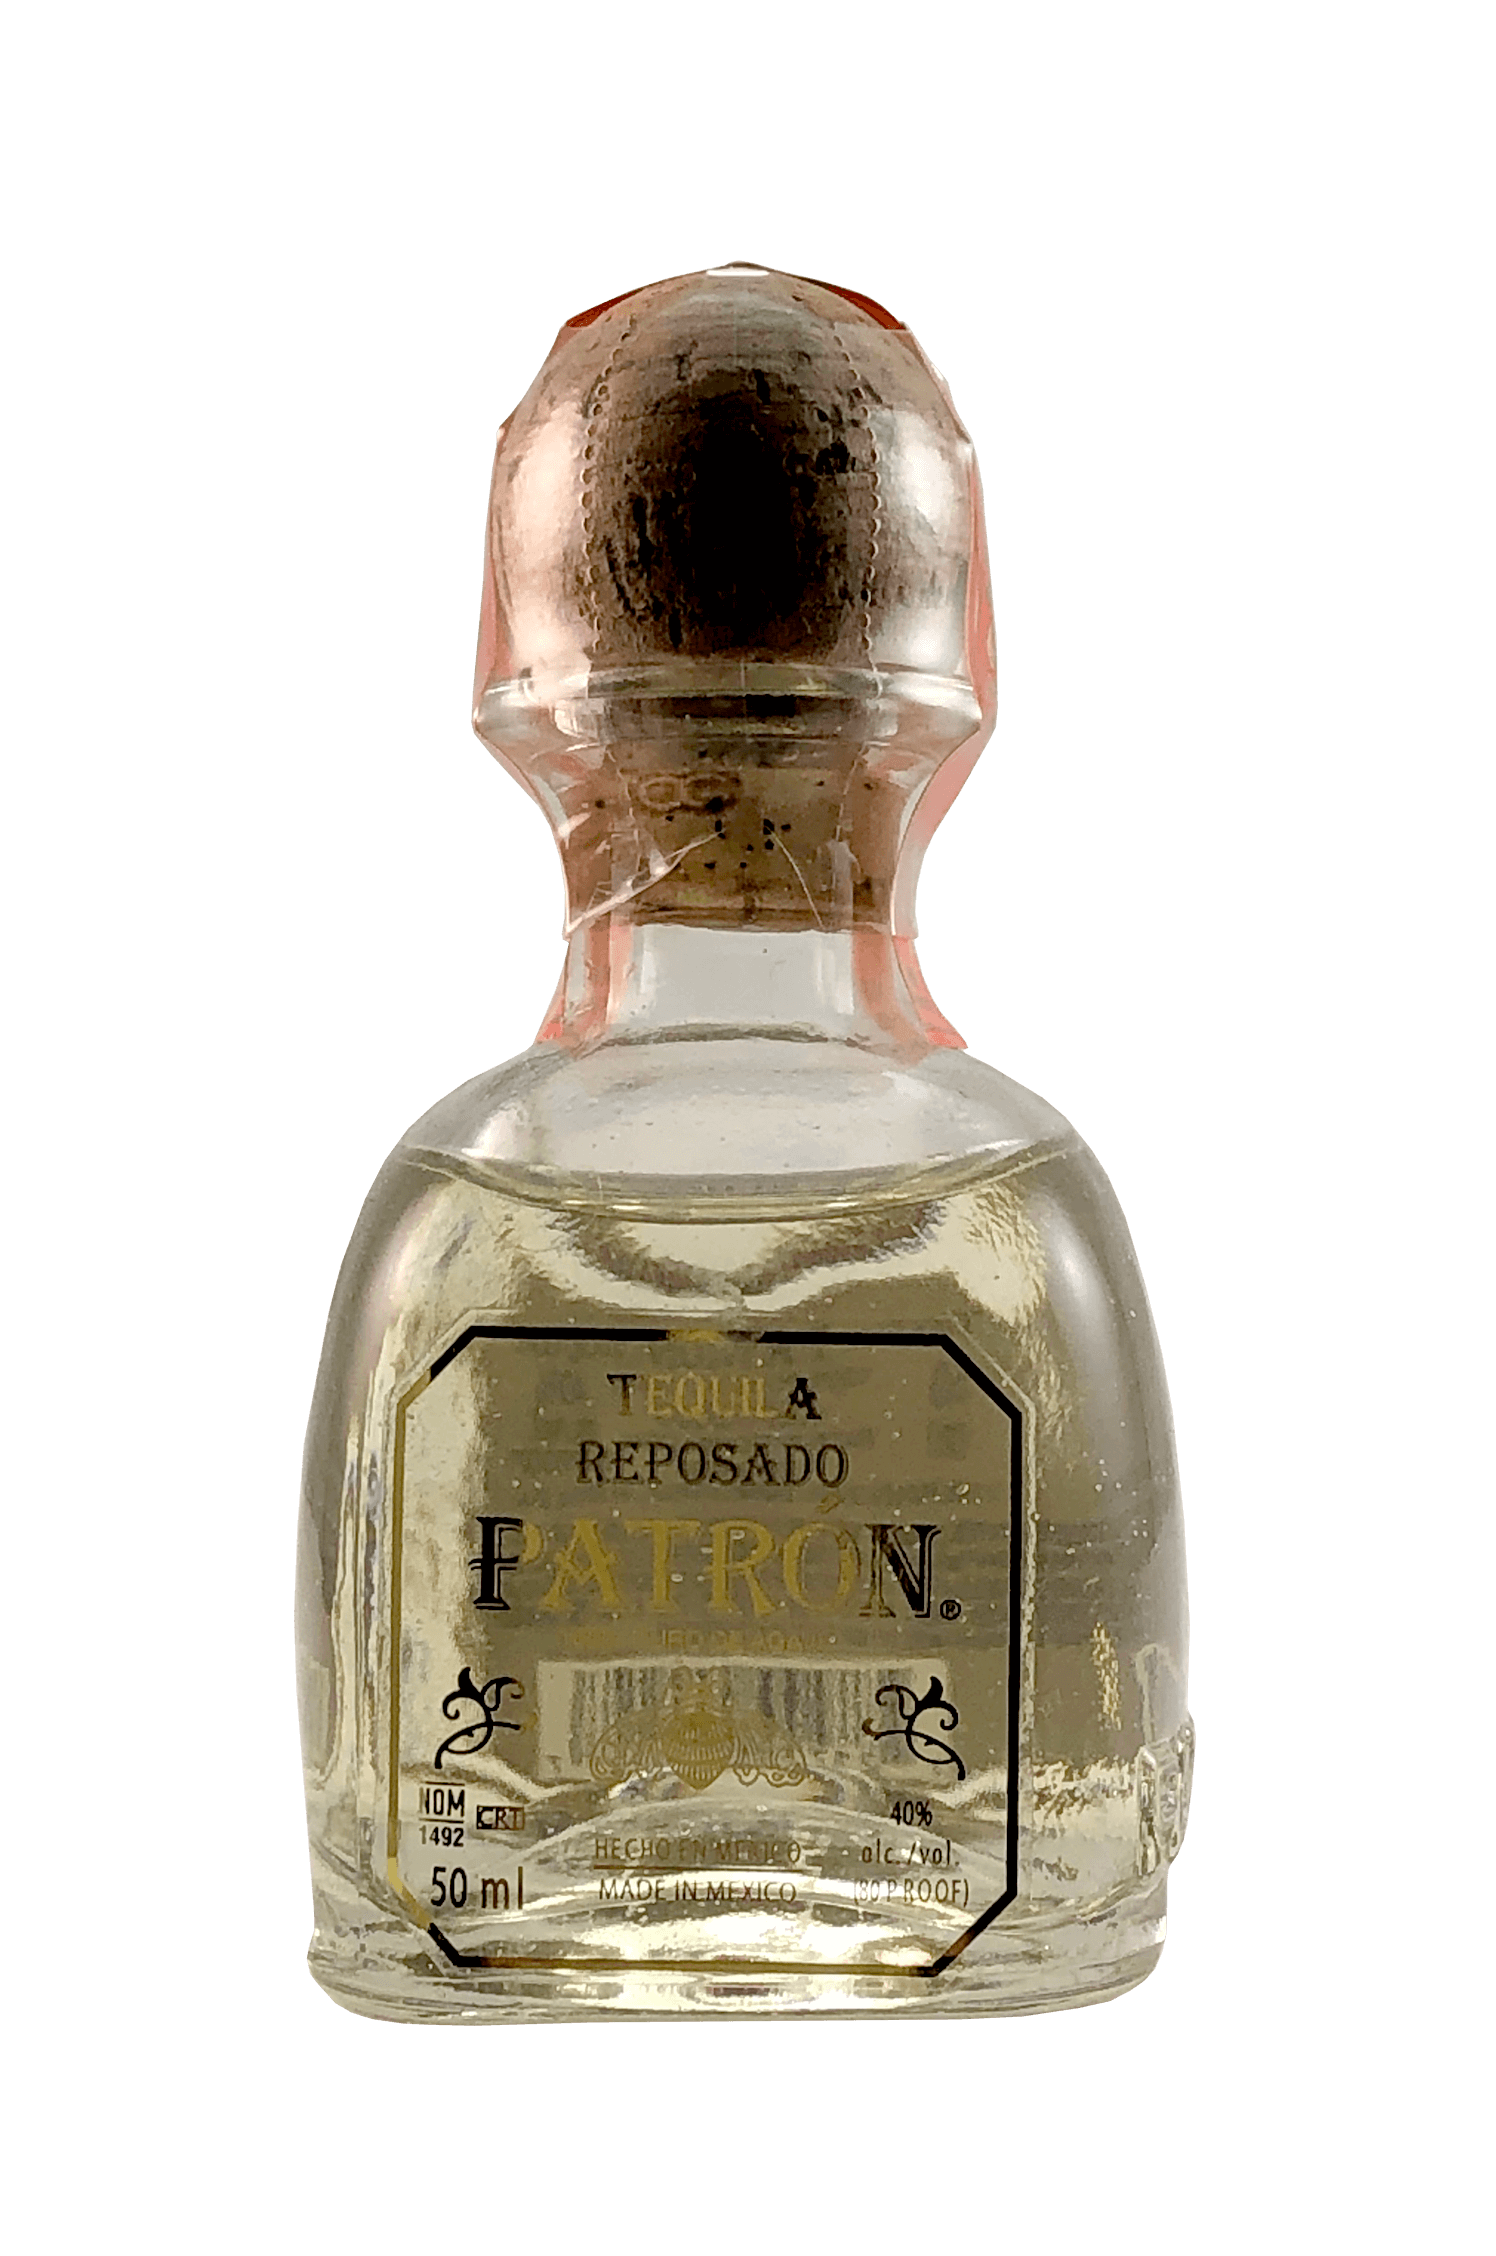 Tequila Reposado Patrón